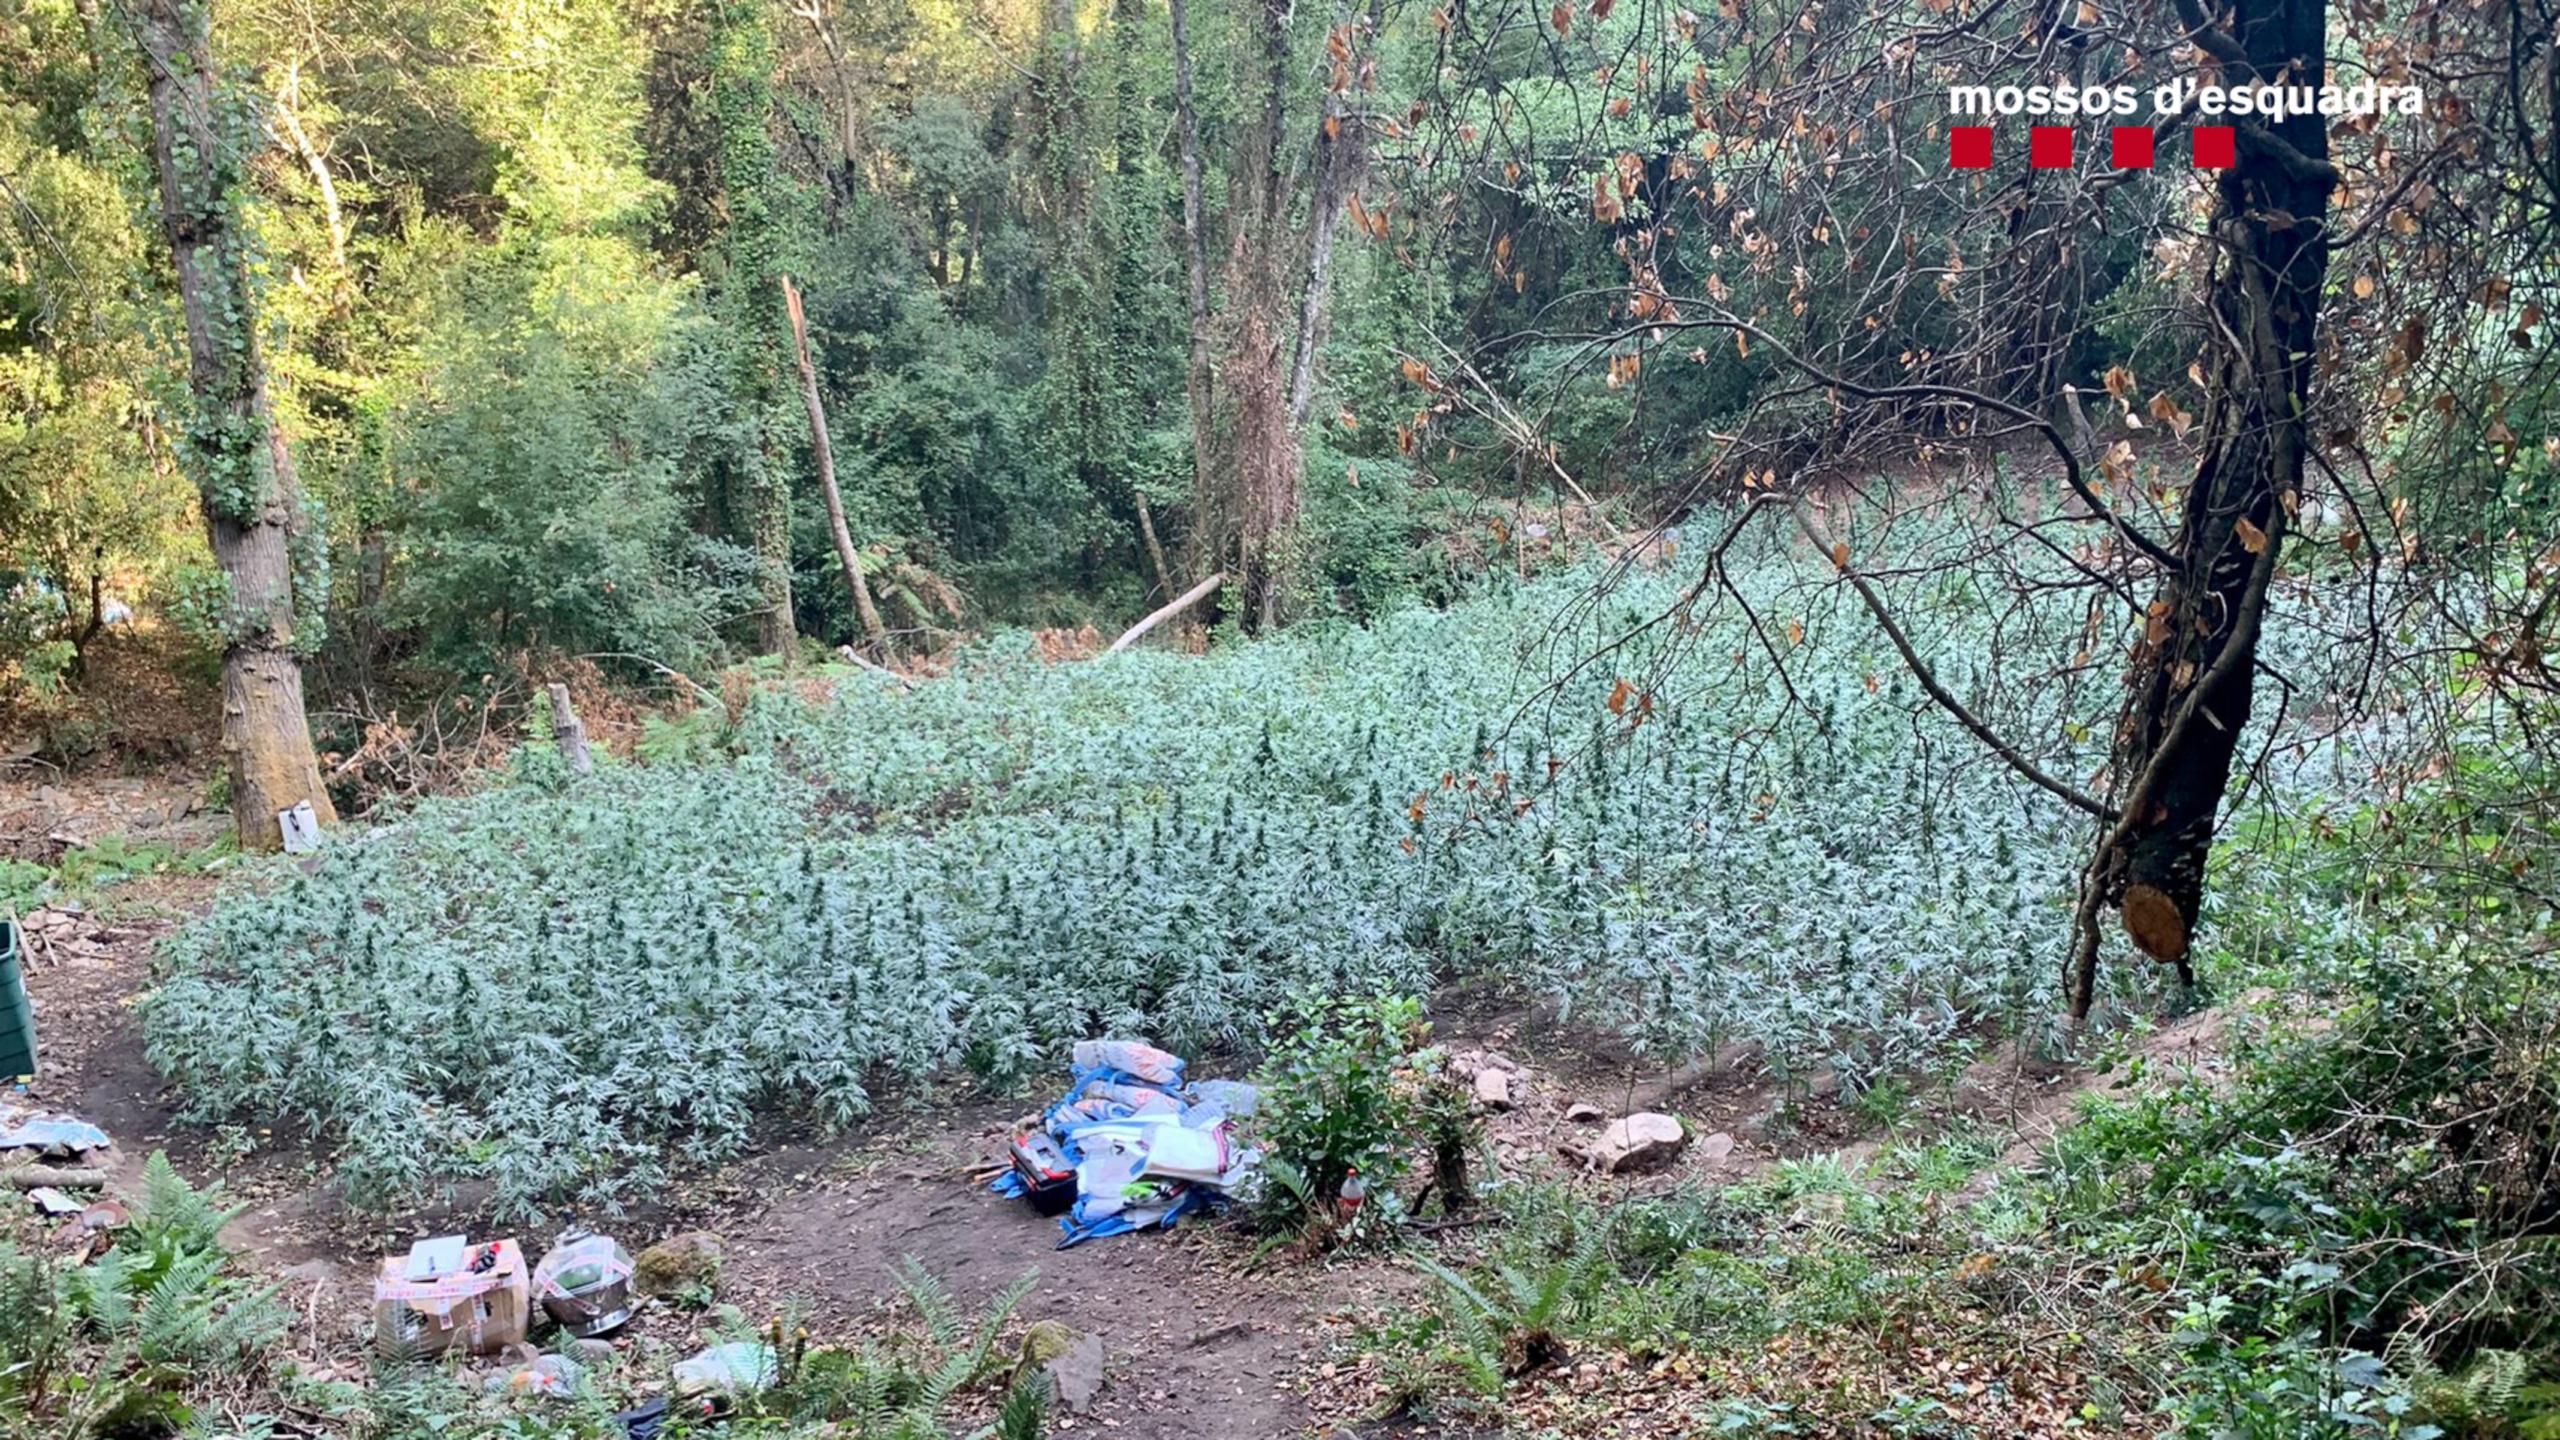 Una de les plantacions de marihuana desmantellades pels Mossos d'Esquadra al Parc Natural del Montnegre i el Corredor a Sant Celoni   ACN